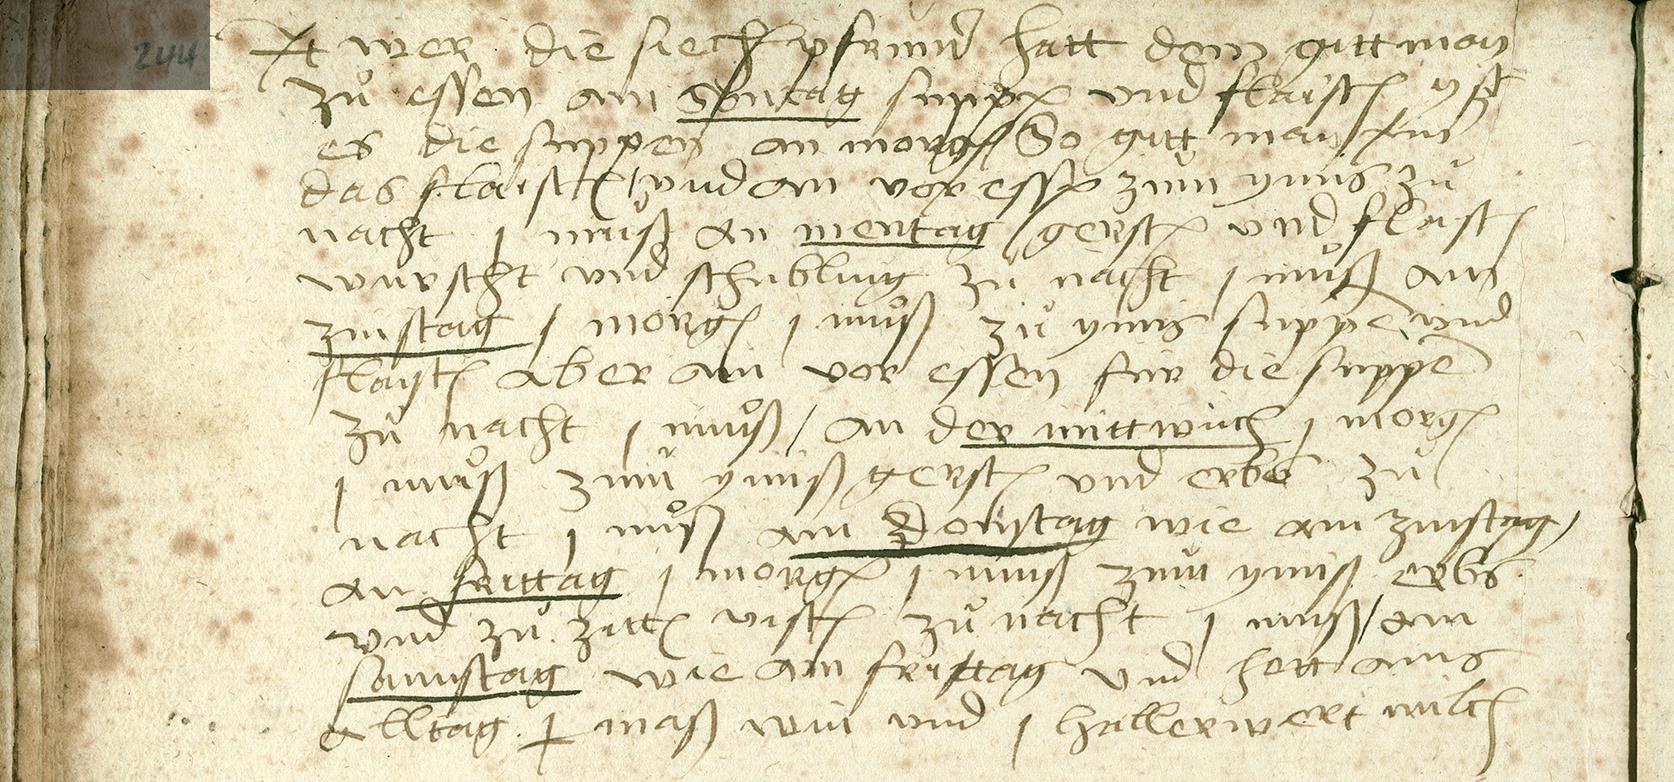 Menüplan der Siechenpfründner im Spital (1460-1566)